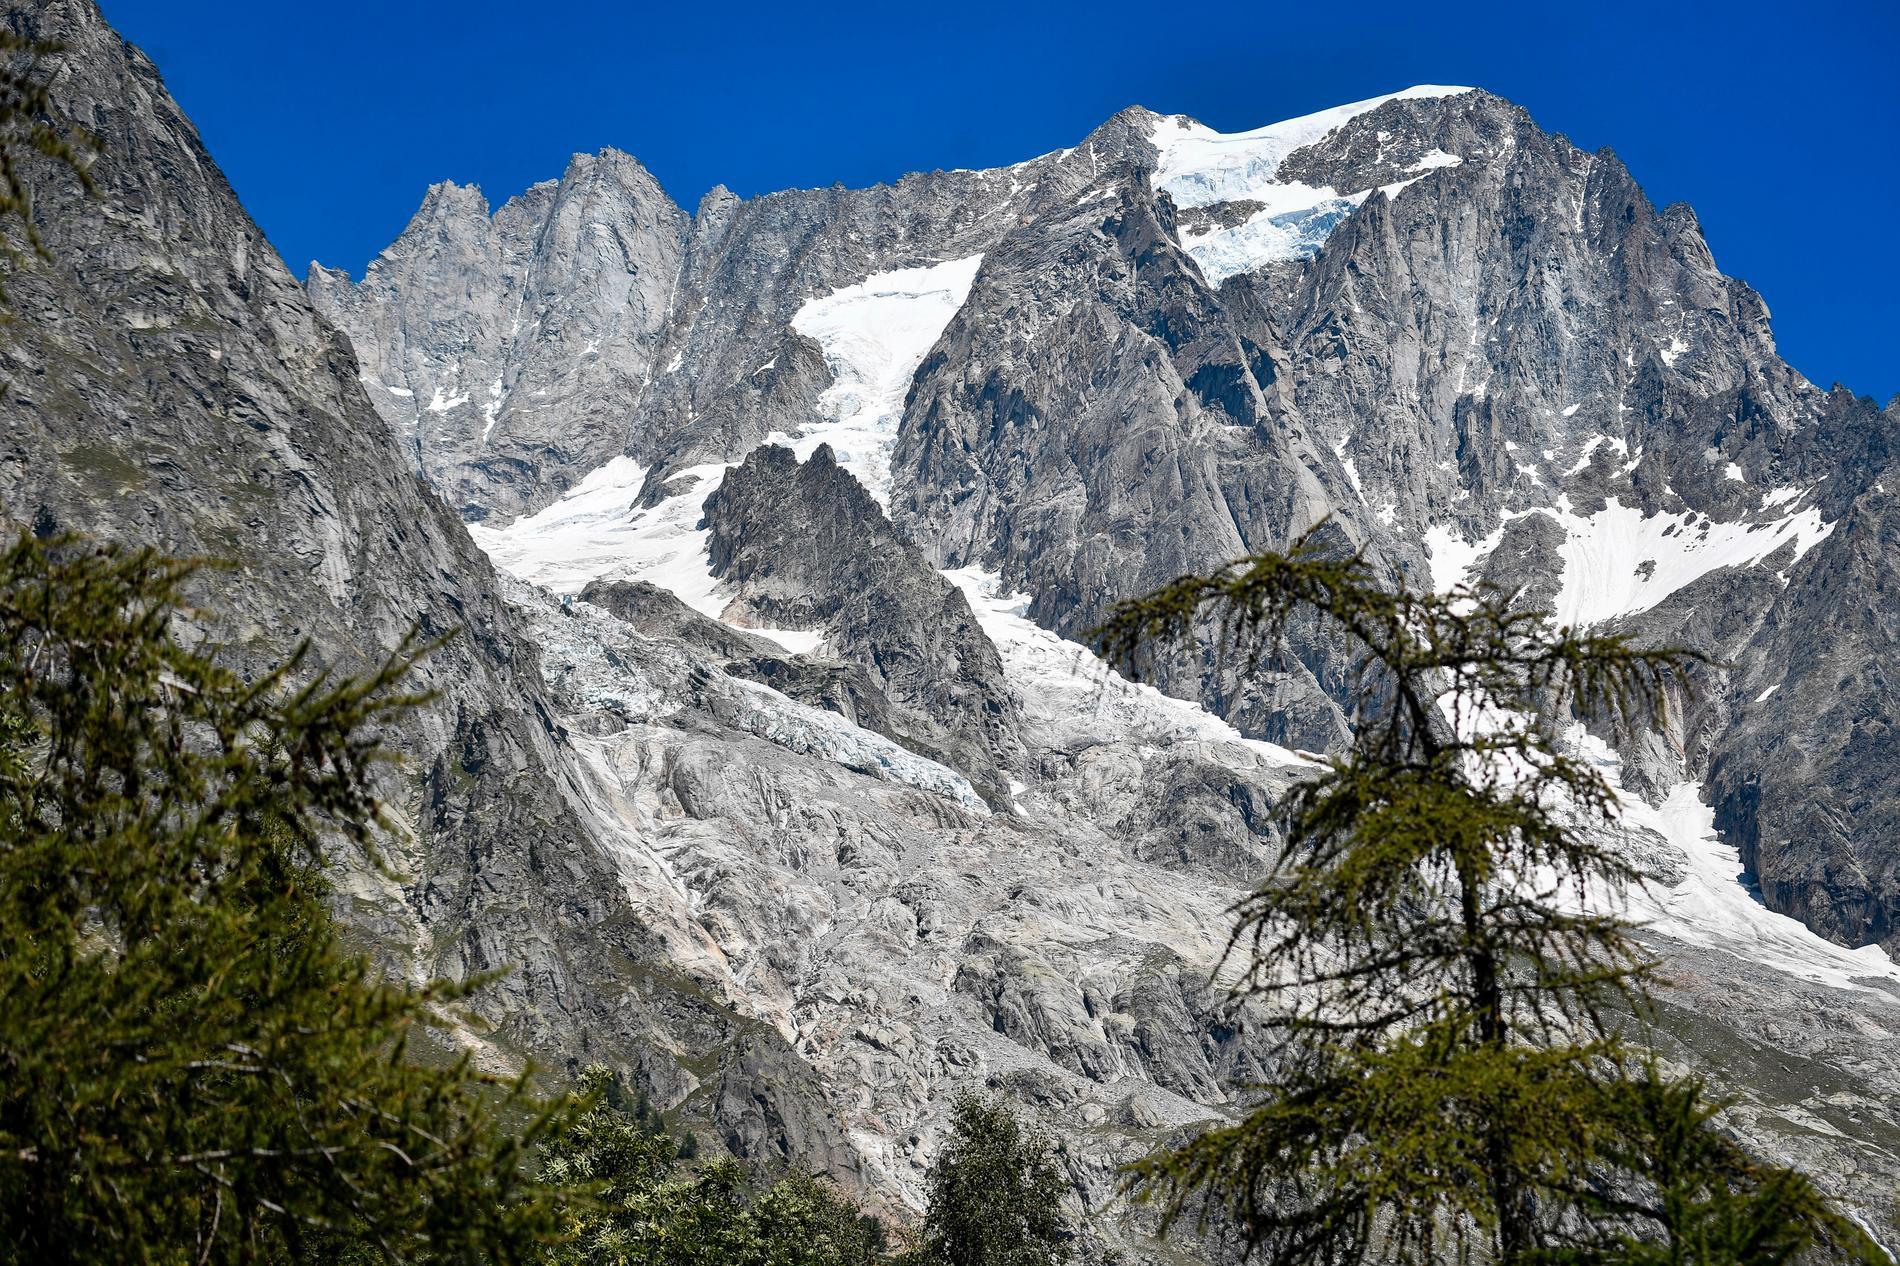 En fransk bergsbestigare avled sedan han fastnat på 4800 meters höjd på Mont Blanc i ett oväder. Arkivbild